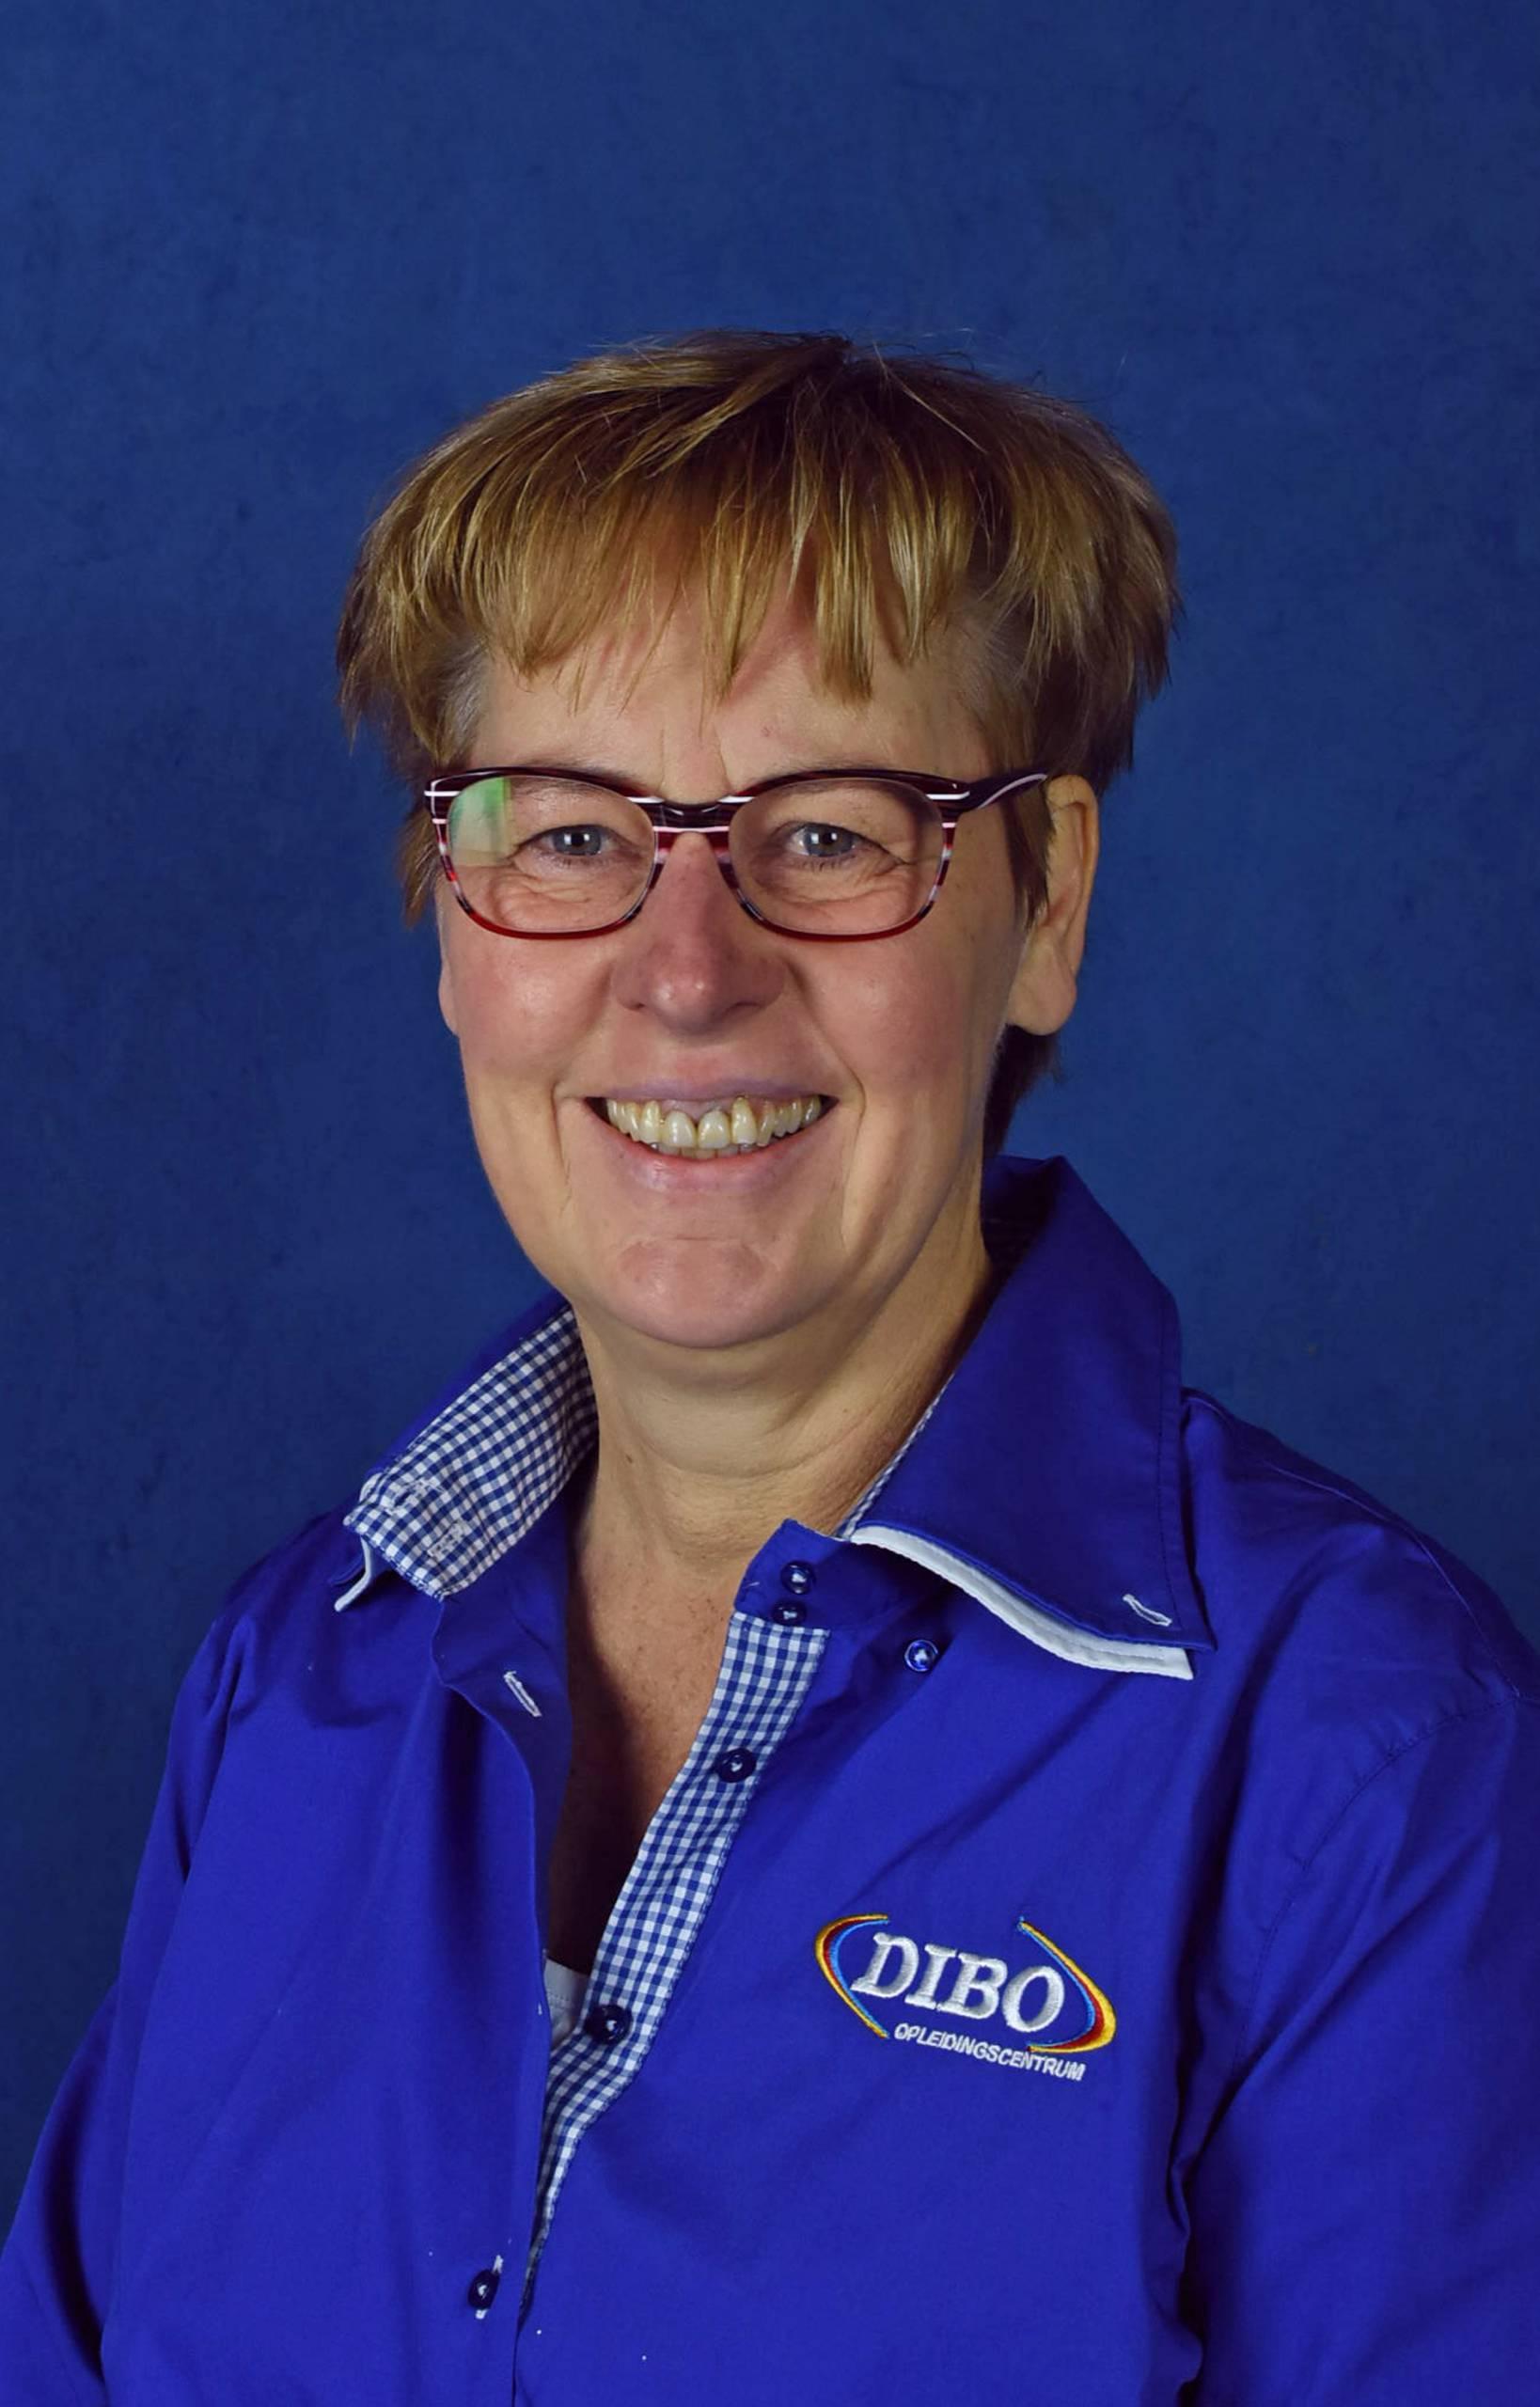 Juanita van Rijswick